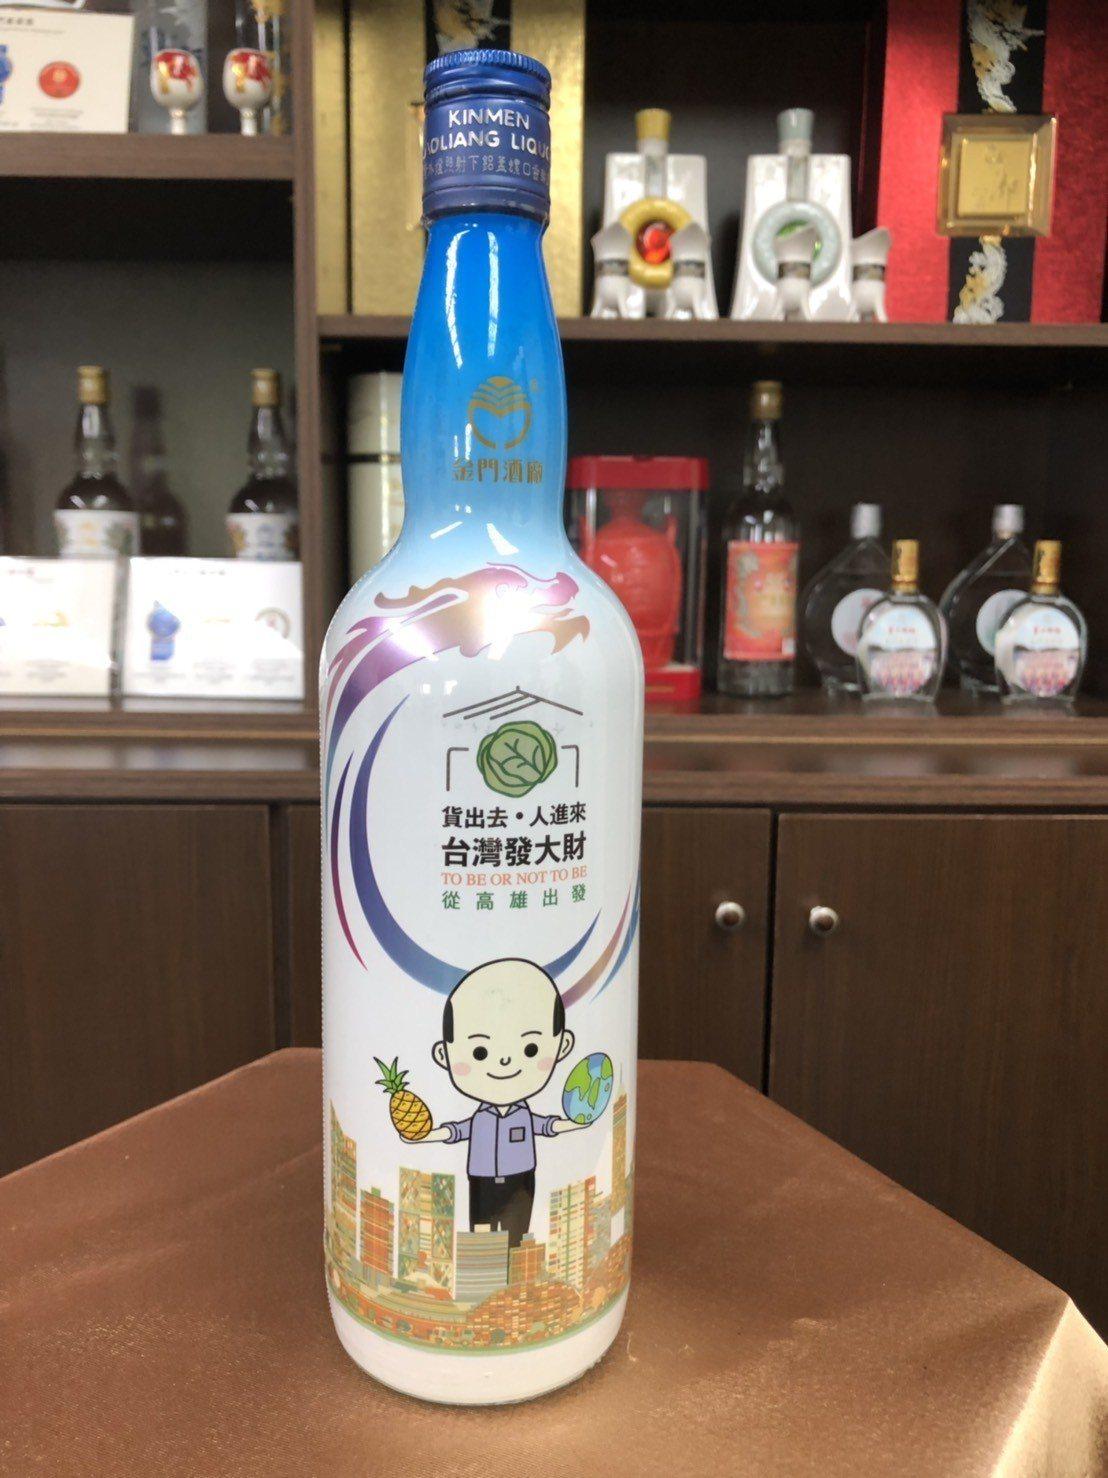 金門酒廠的韓國瑜紀念酒,瓶上的Q版韓市長,有別於賣菜郎的韓市長,這次手上是拿著一...